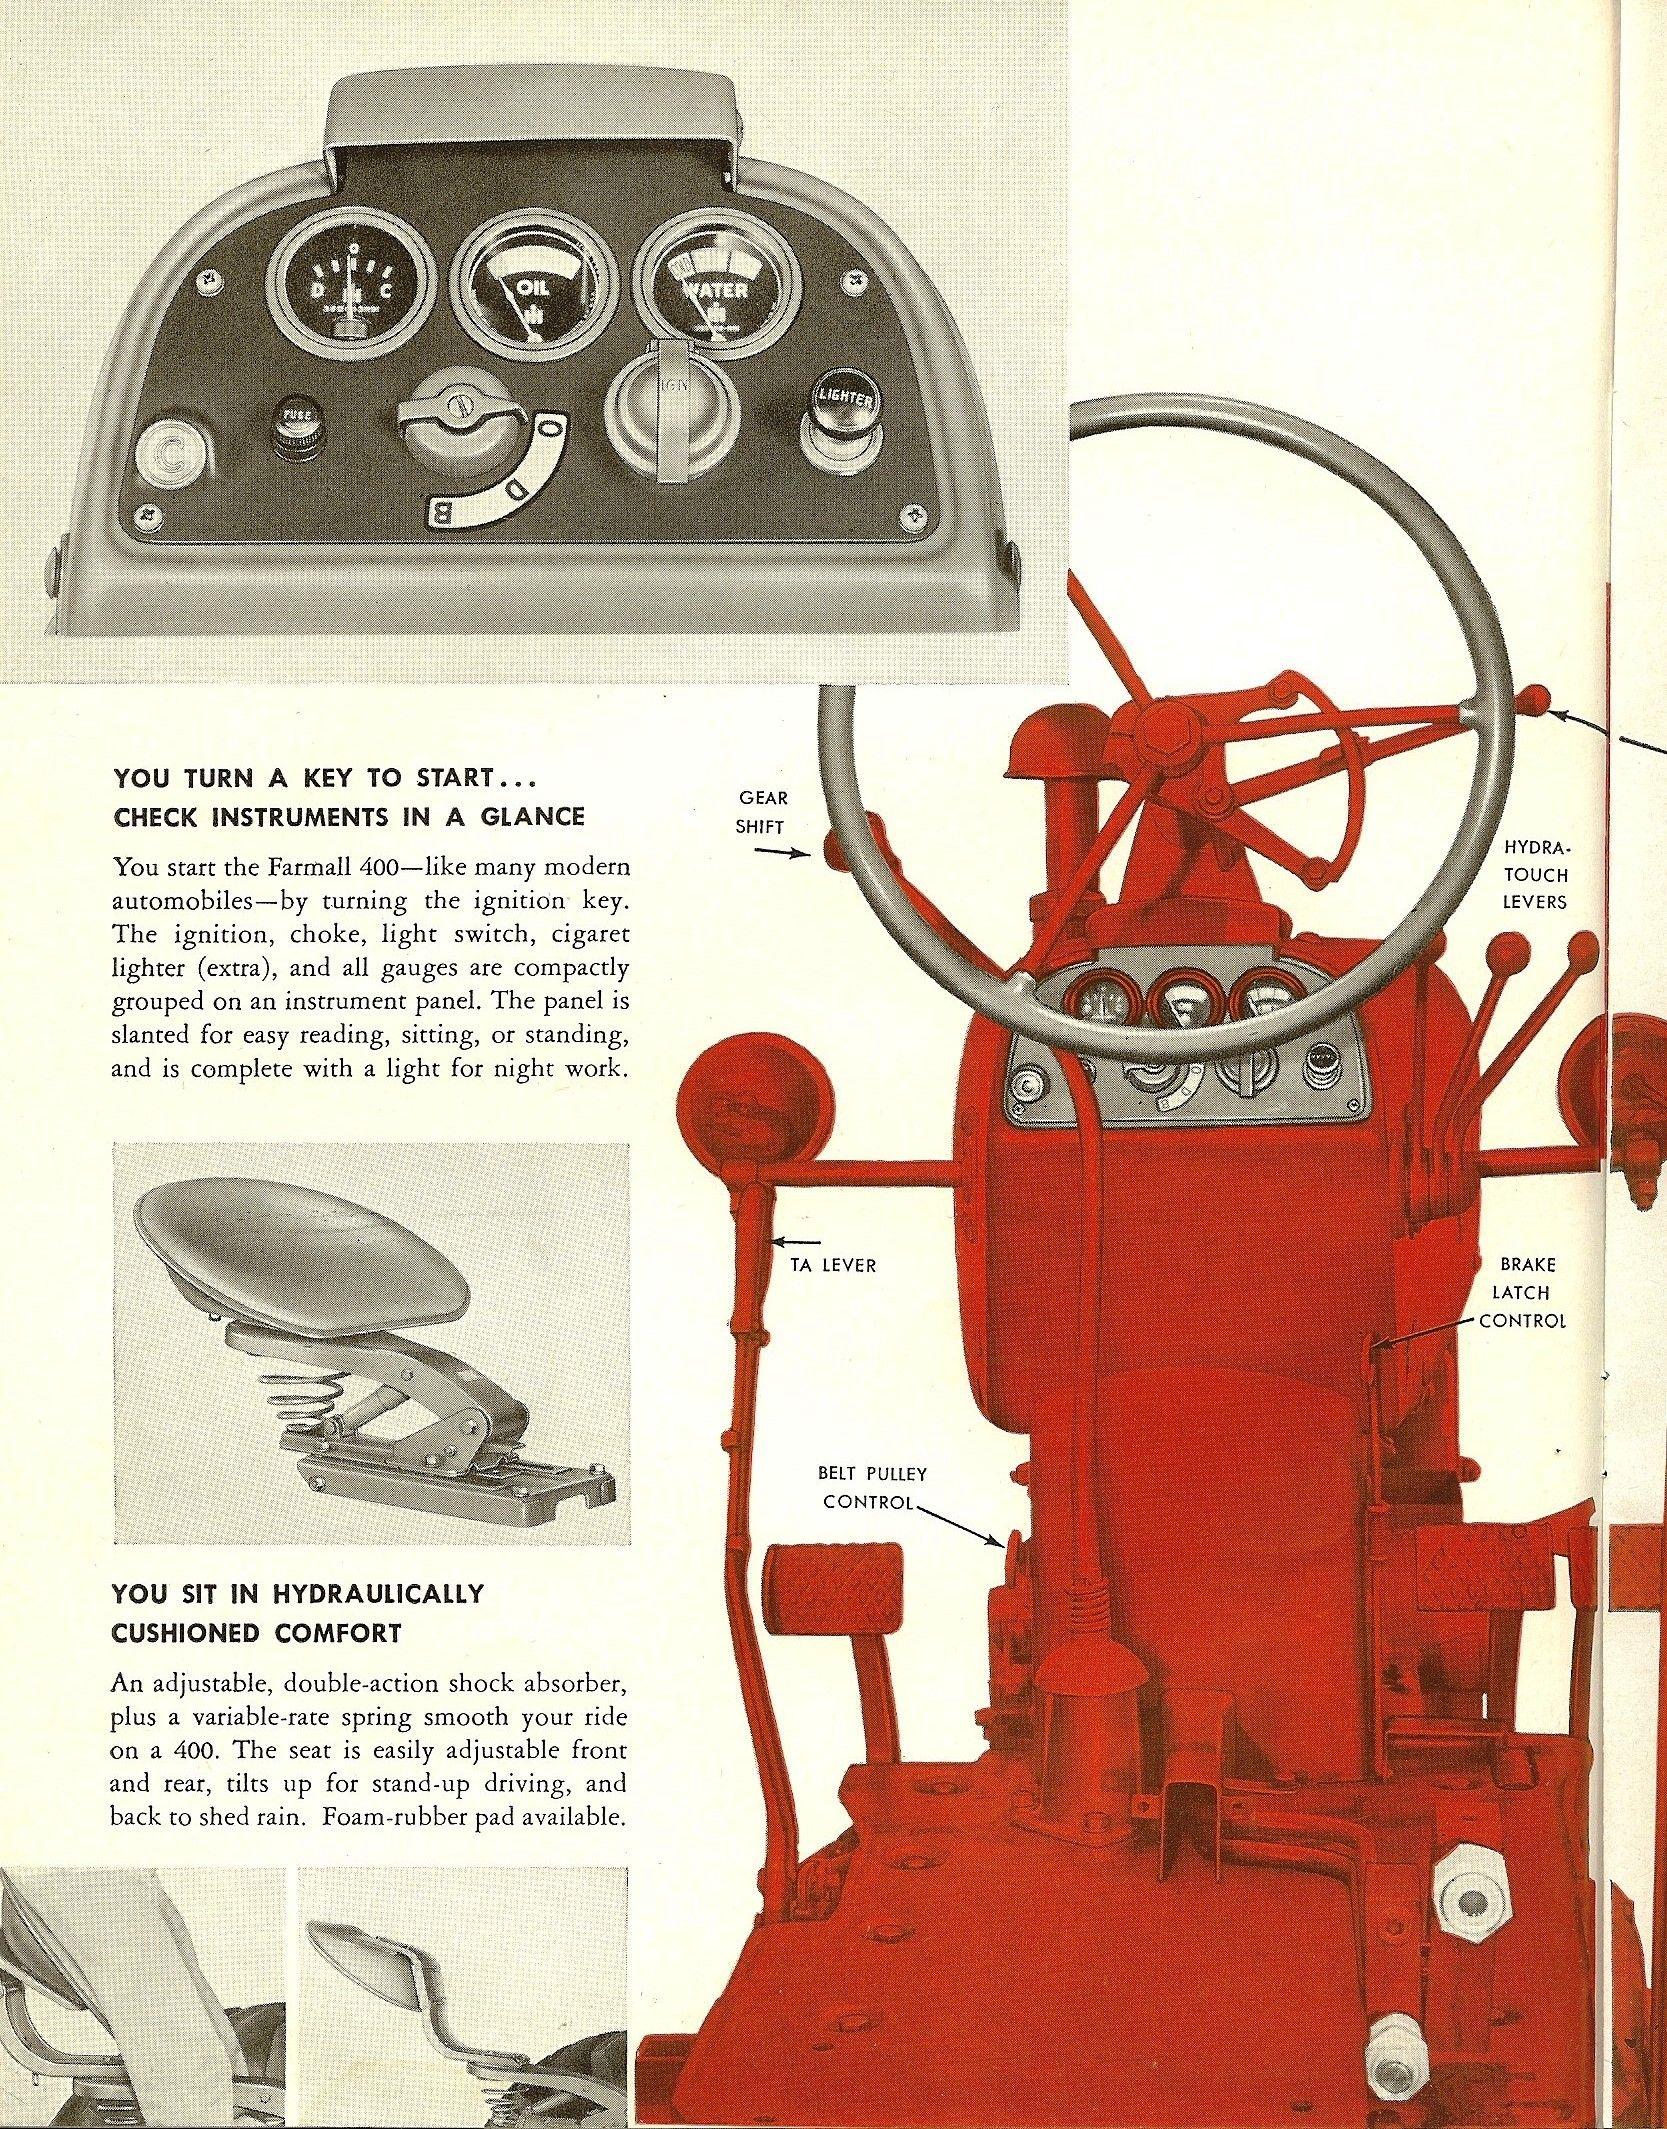 medium resolution of 1955 farmall 400 case tractors farmall tractors old tractors international tractors international